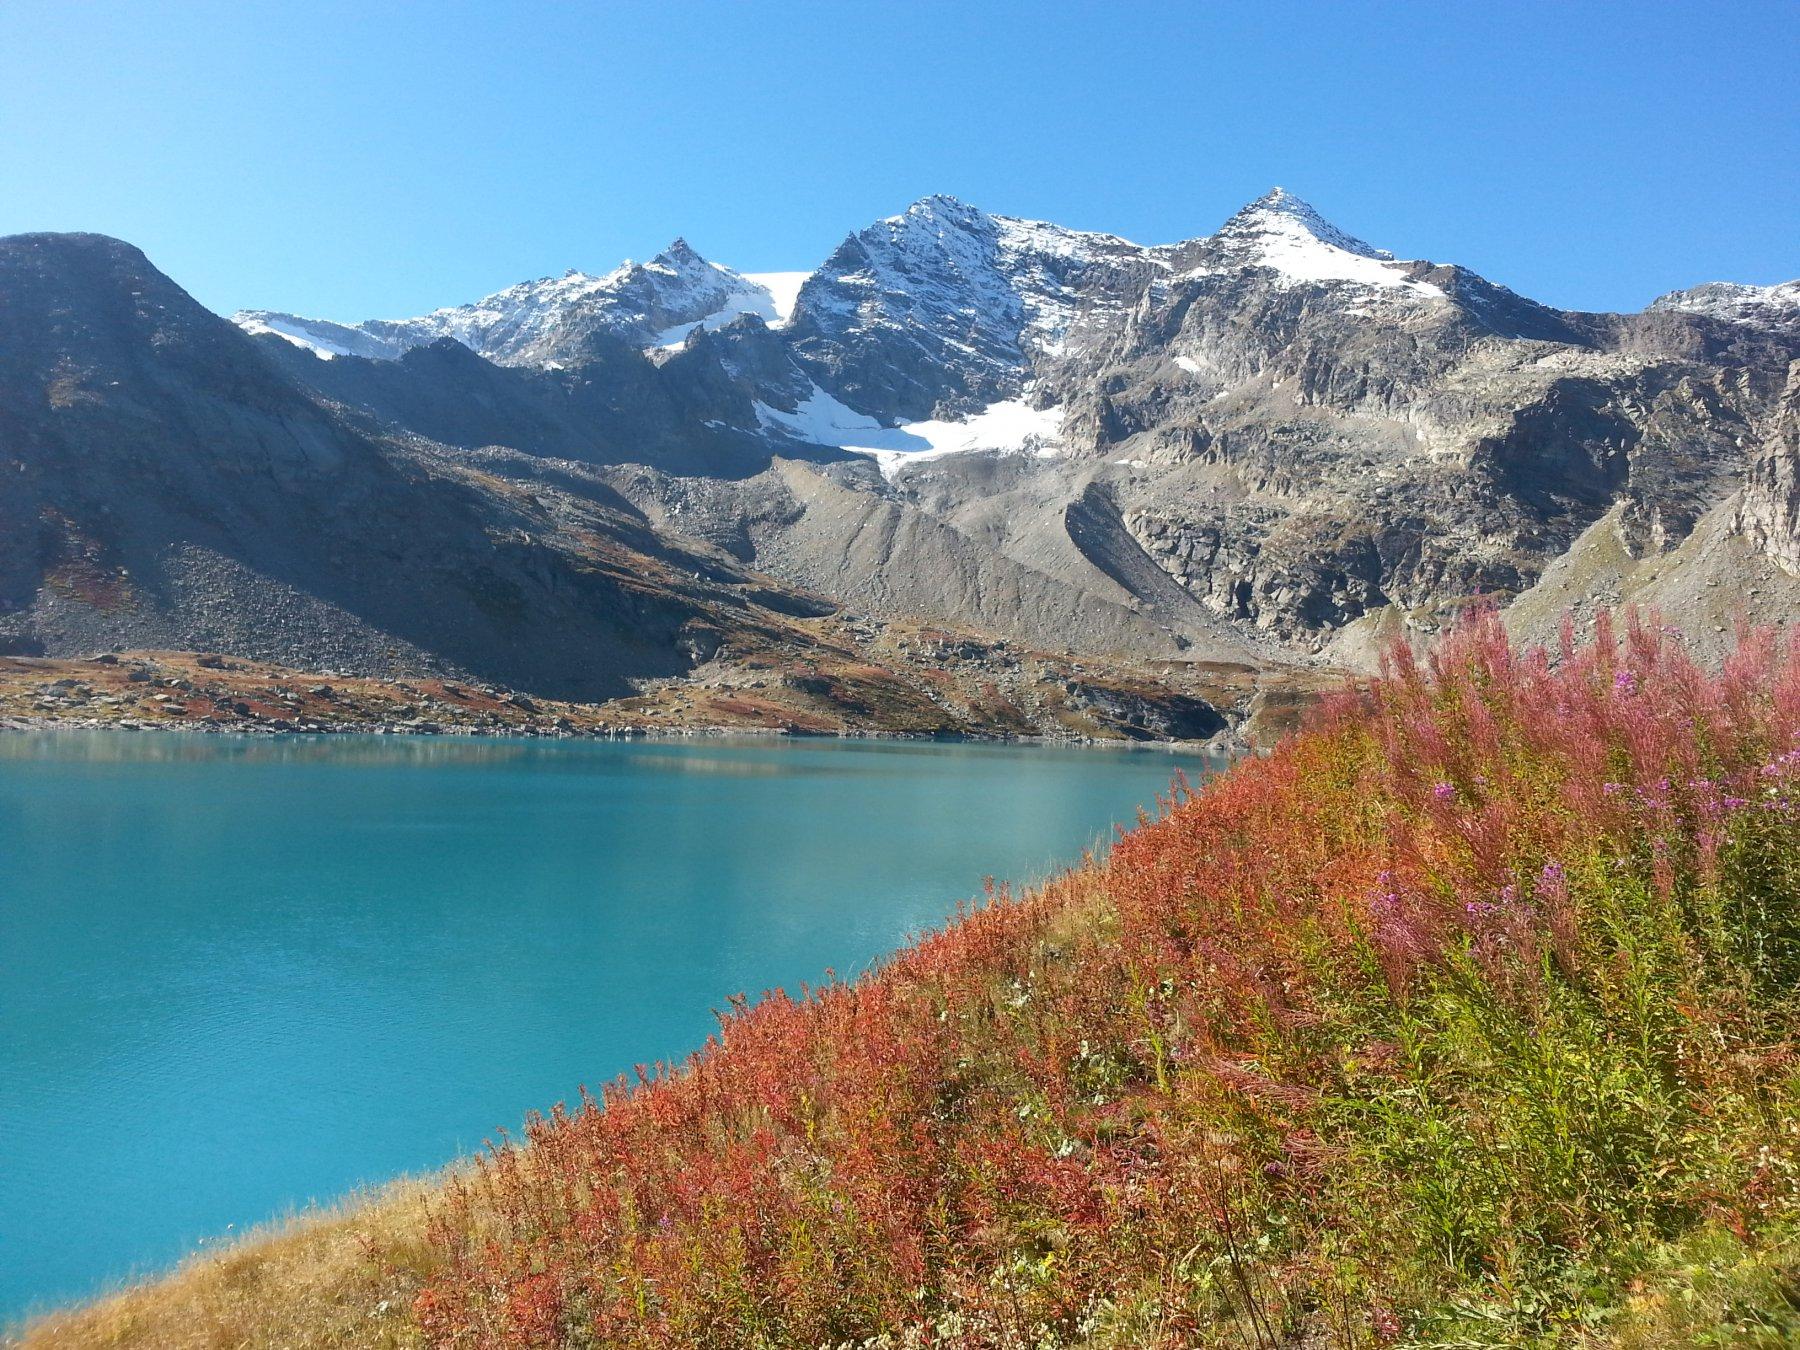 Il lago Serrù, con colori autunnali